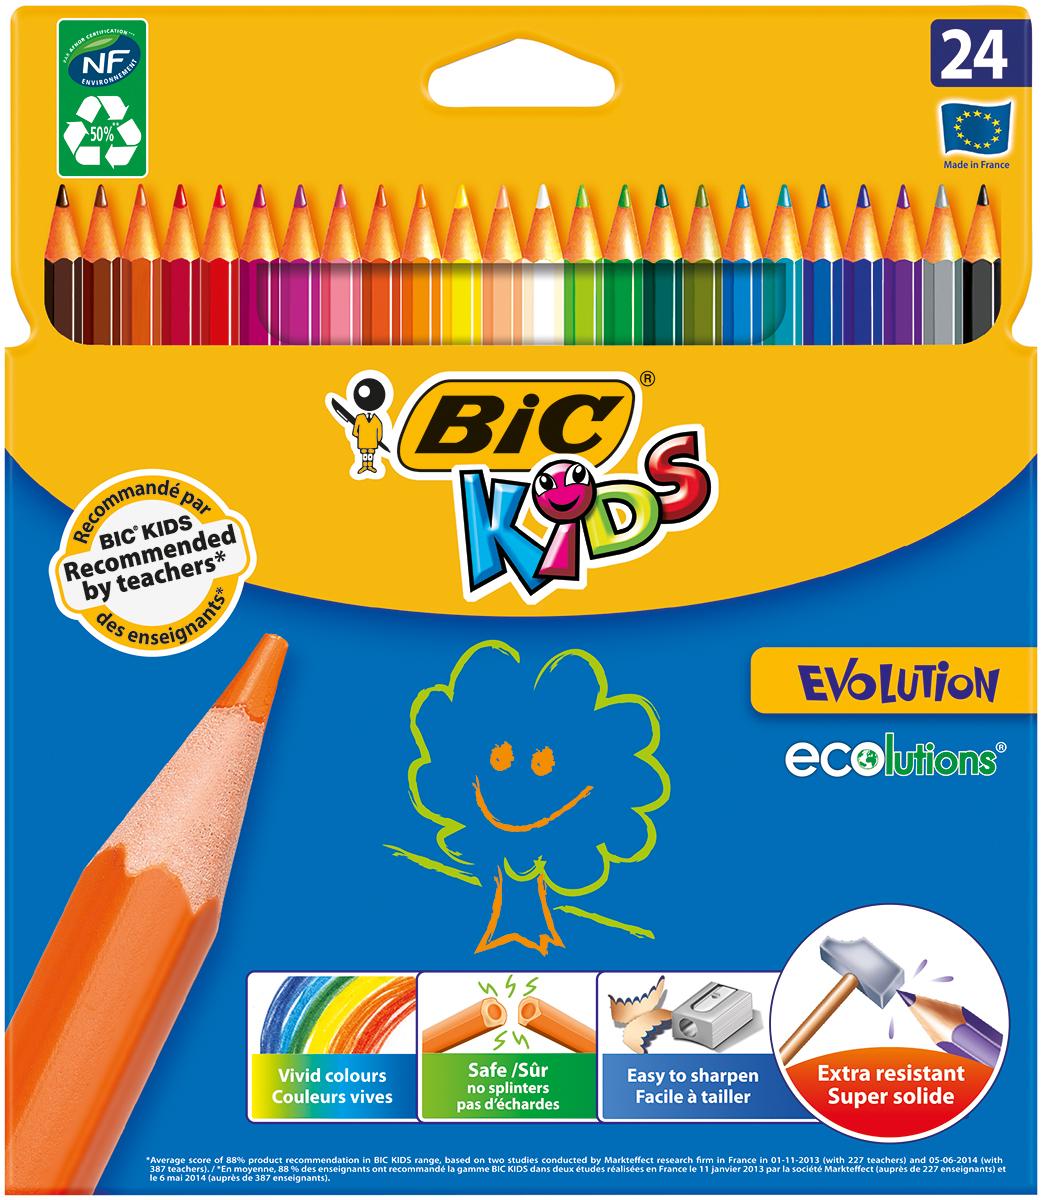 Bic Набор цветных карандашей Evolution 24 цветаB829733Набор цветных карандашей Bic Evolution идеален для ежедневного использования маленькими художниками! В наборе карандаши 24 ярких цветов. Ультрапрочные цветные карандаши изготовлены без использования древесины. Цветной стержень обеспечивает отличную степень закрашивания.